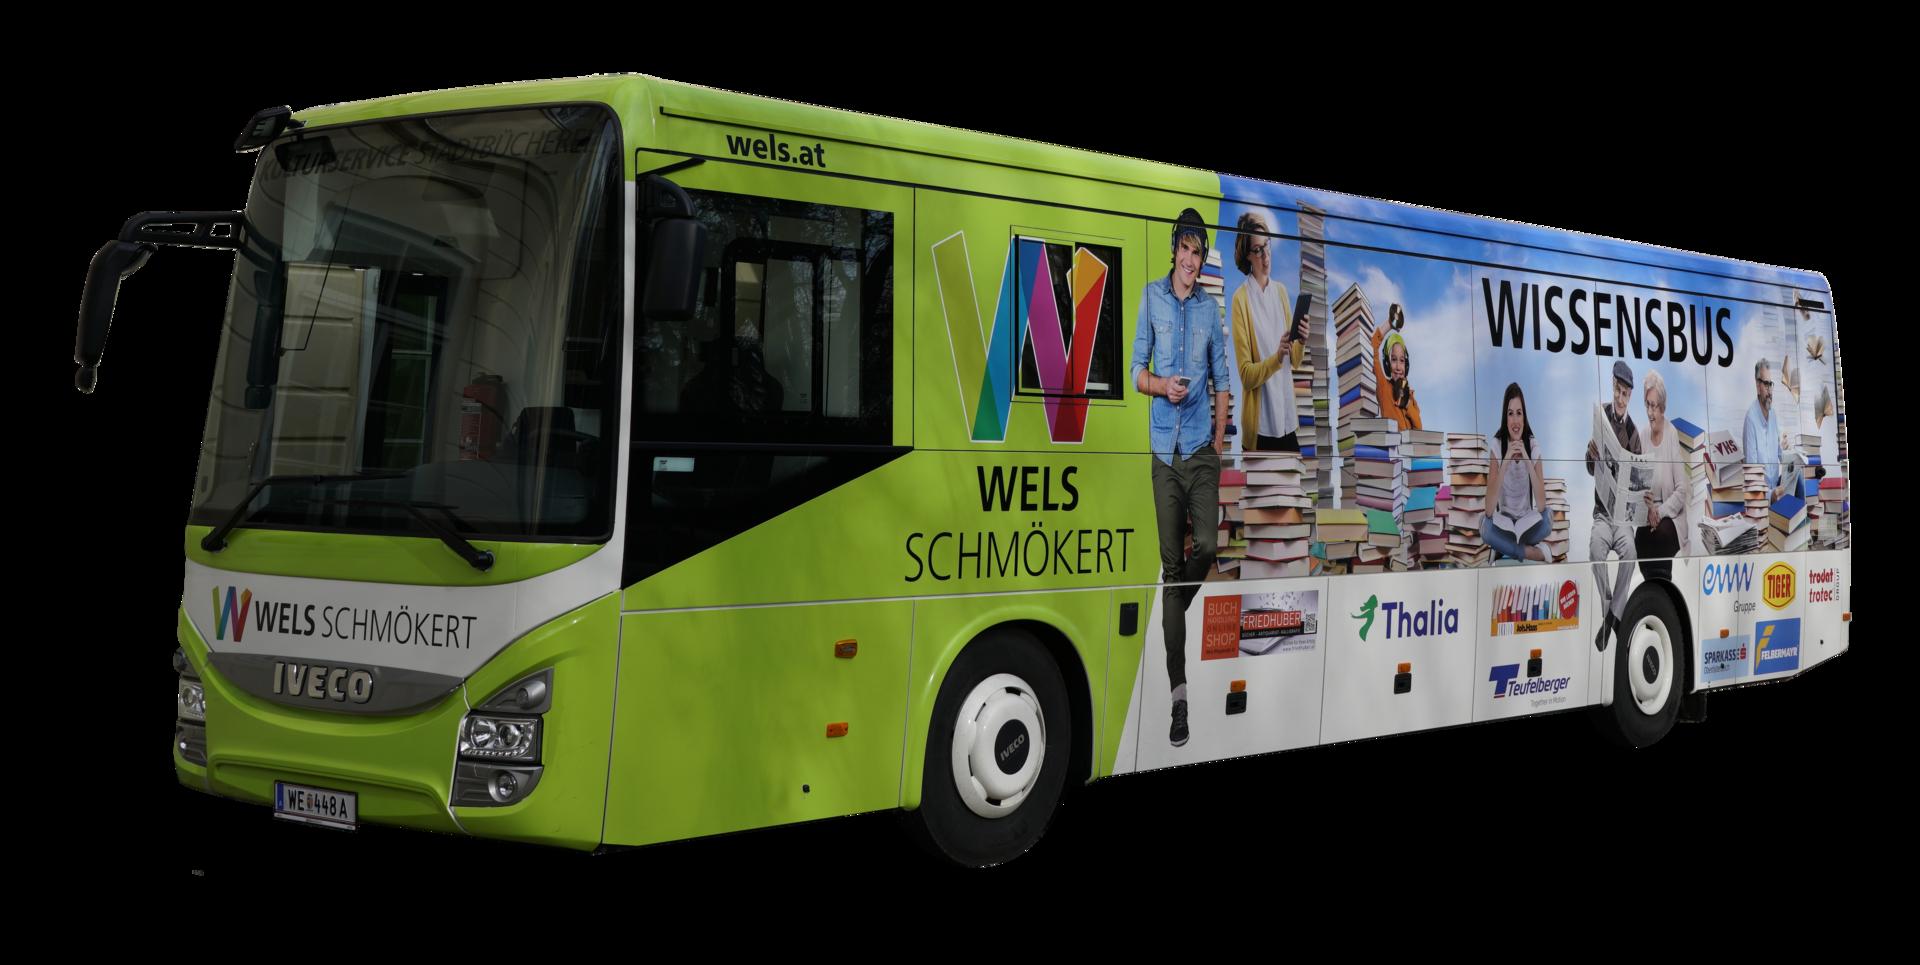 Der Wissensbus der Stadt Wels